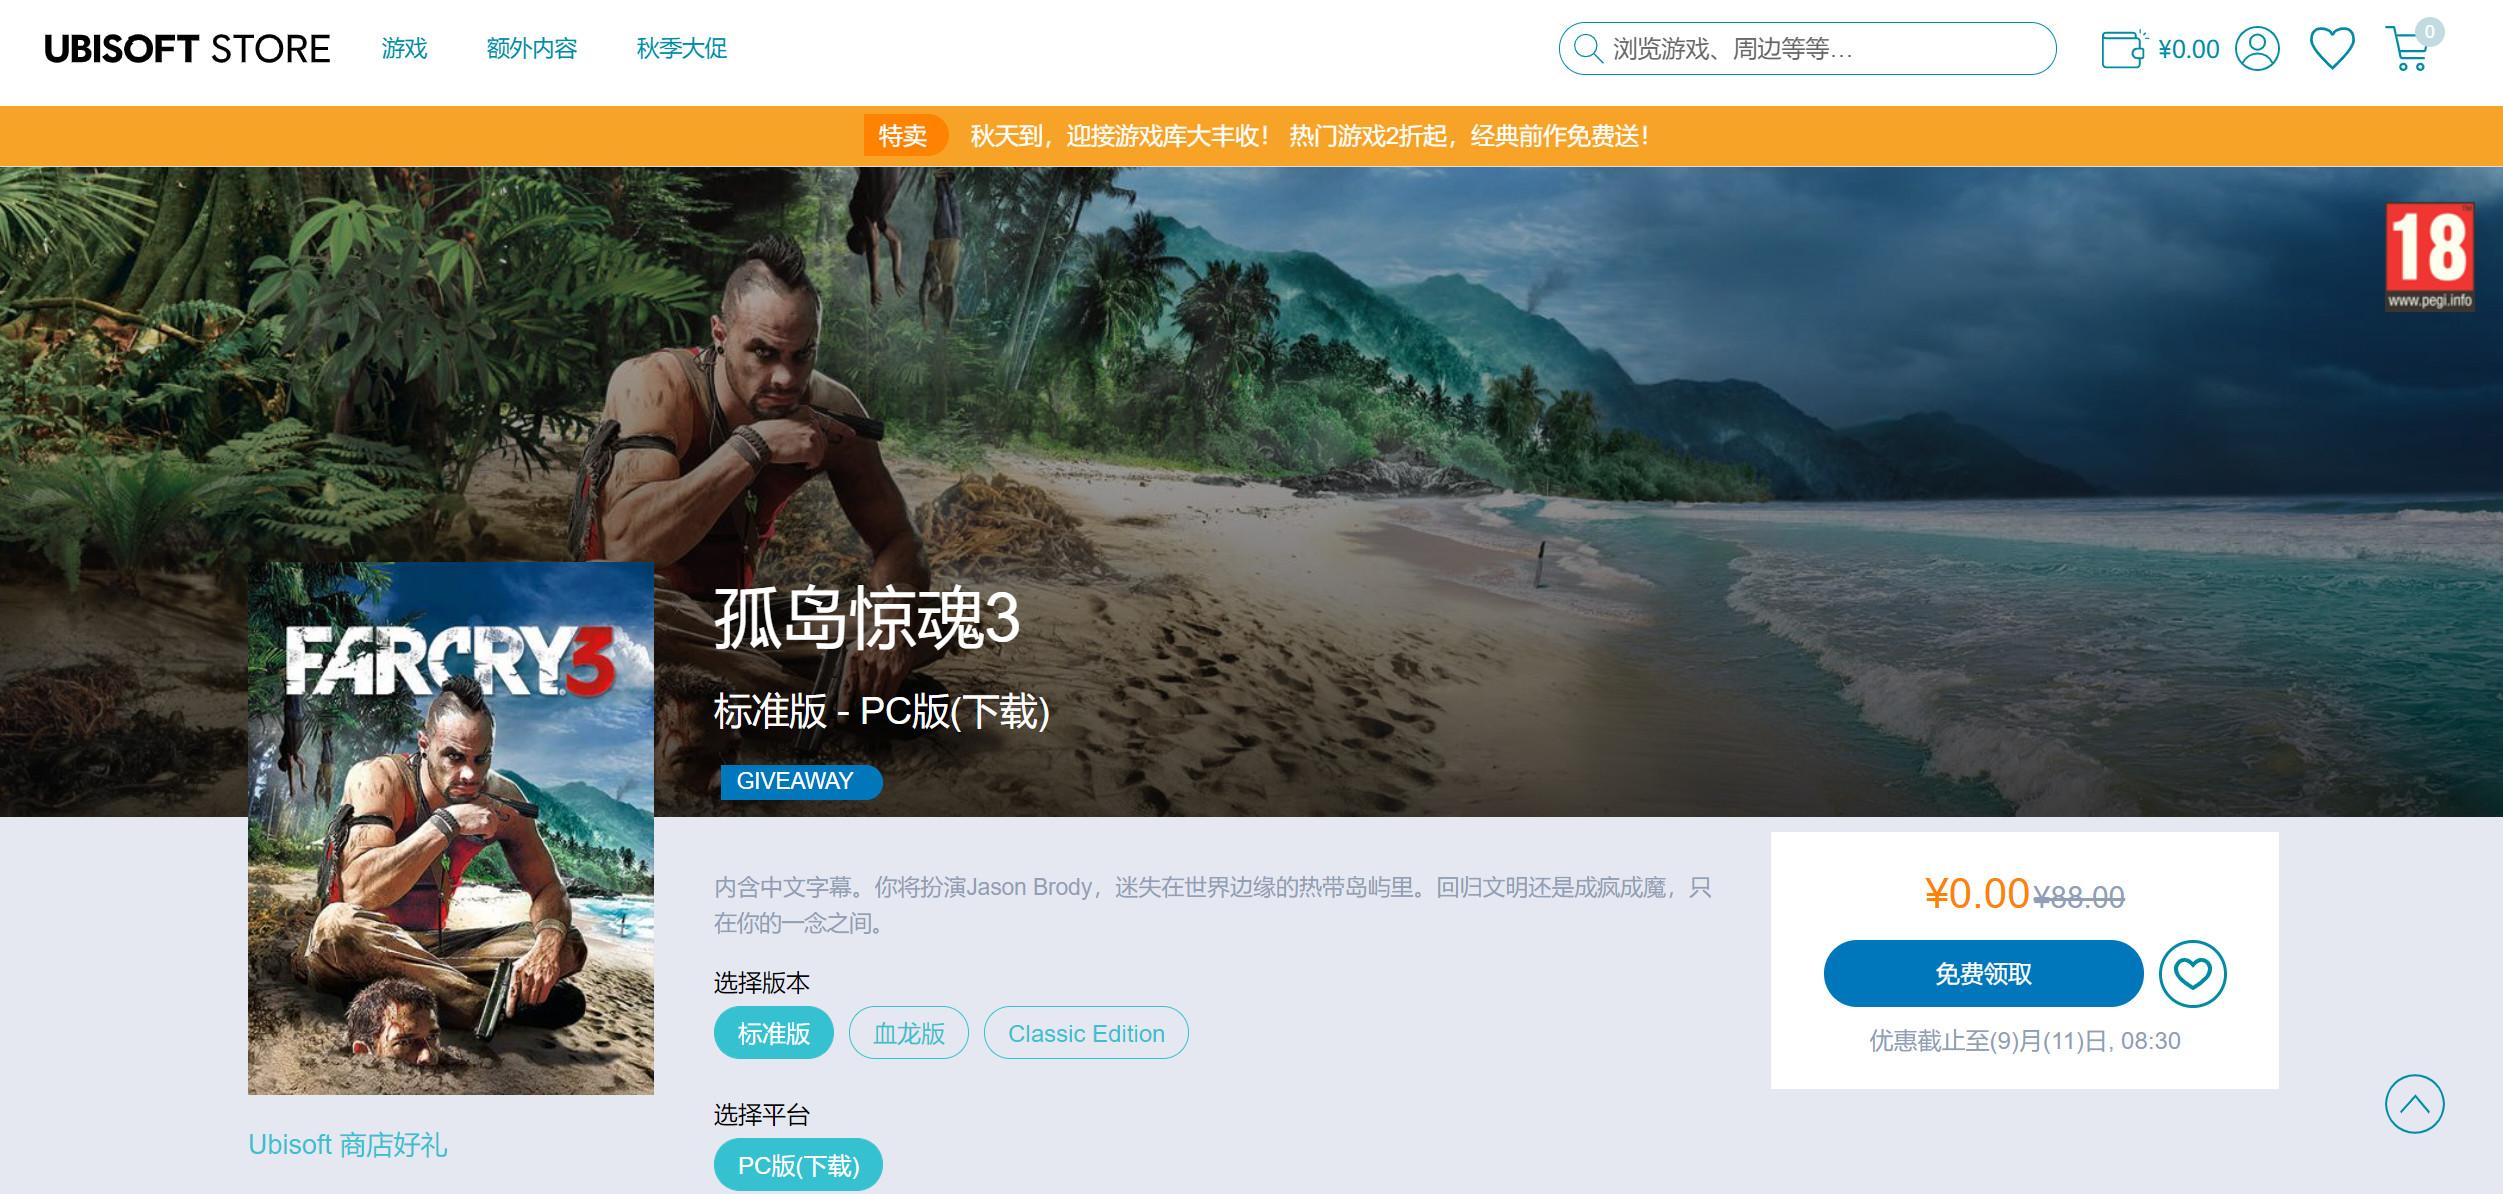 《孤岛惊魂3》现可在育碧商城免费领取 活动截止到9月11日下午